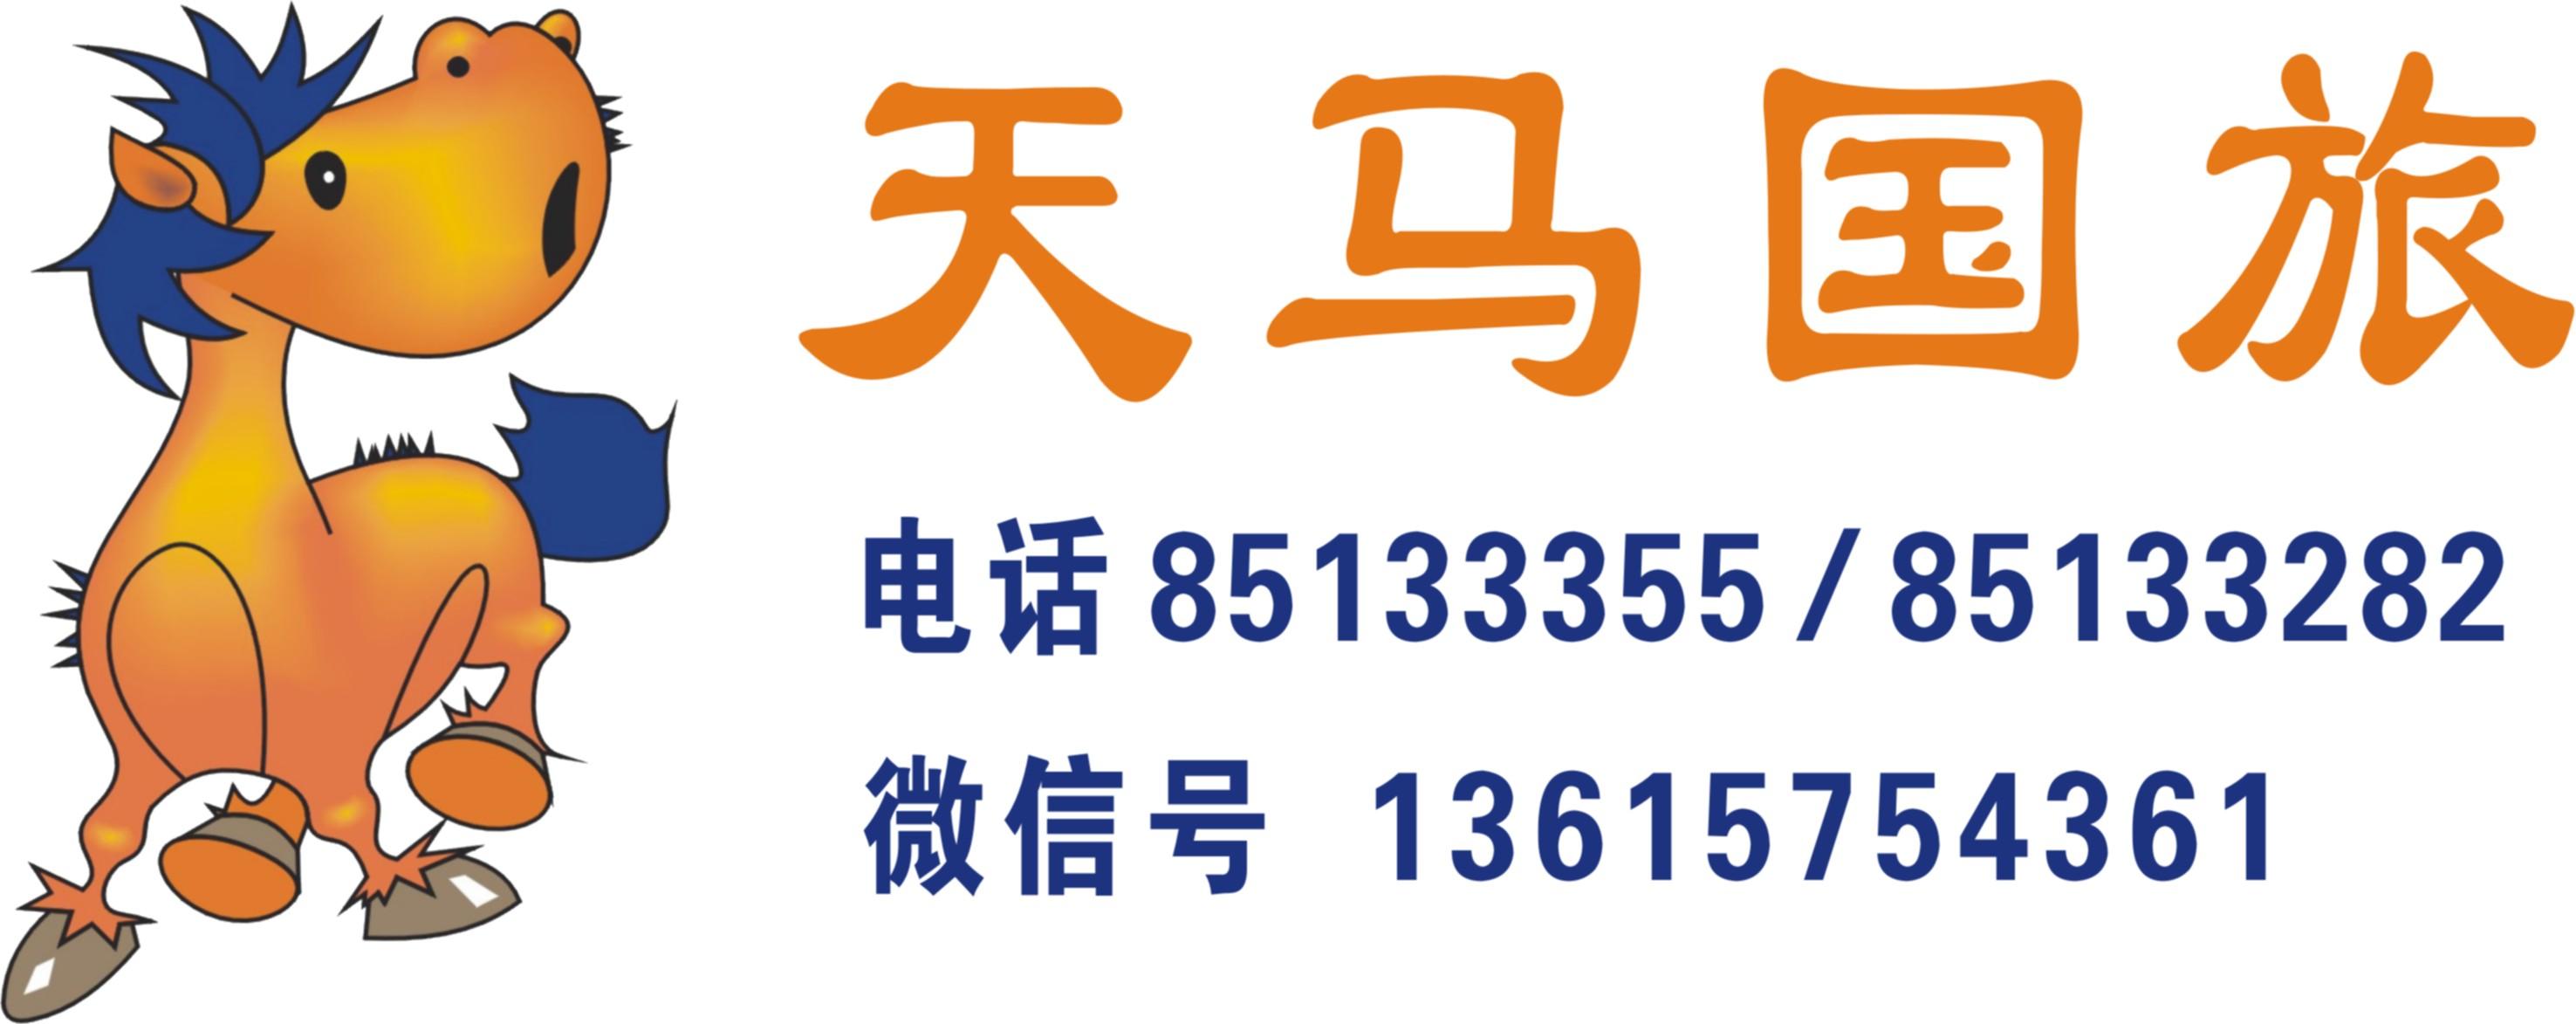 4月【云恋记·旅拍丽江泸沽湖大理双飞5日】网红拍摄、湖景酒店